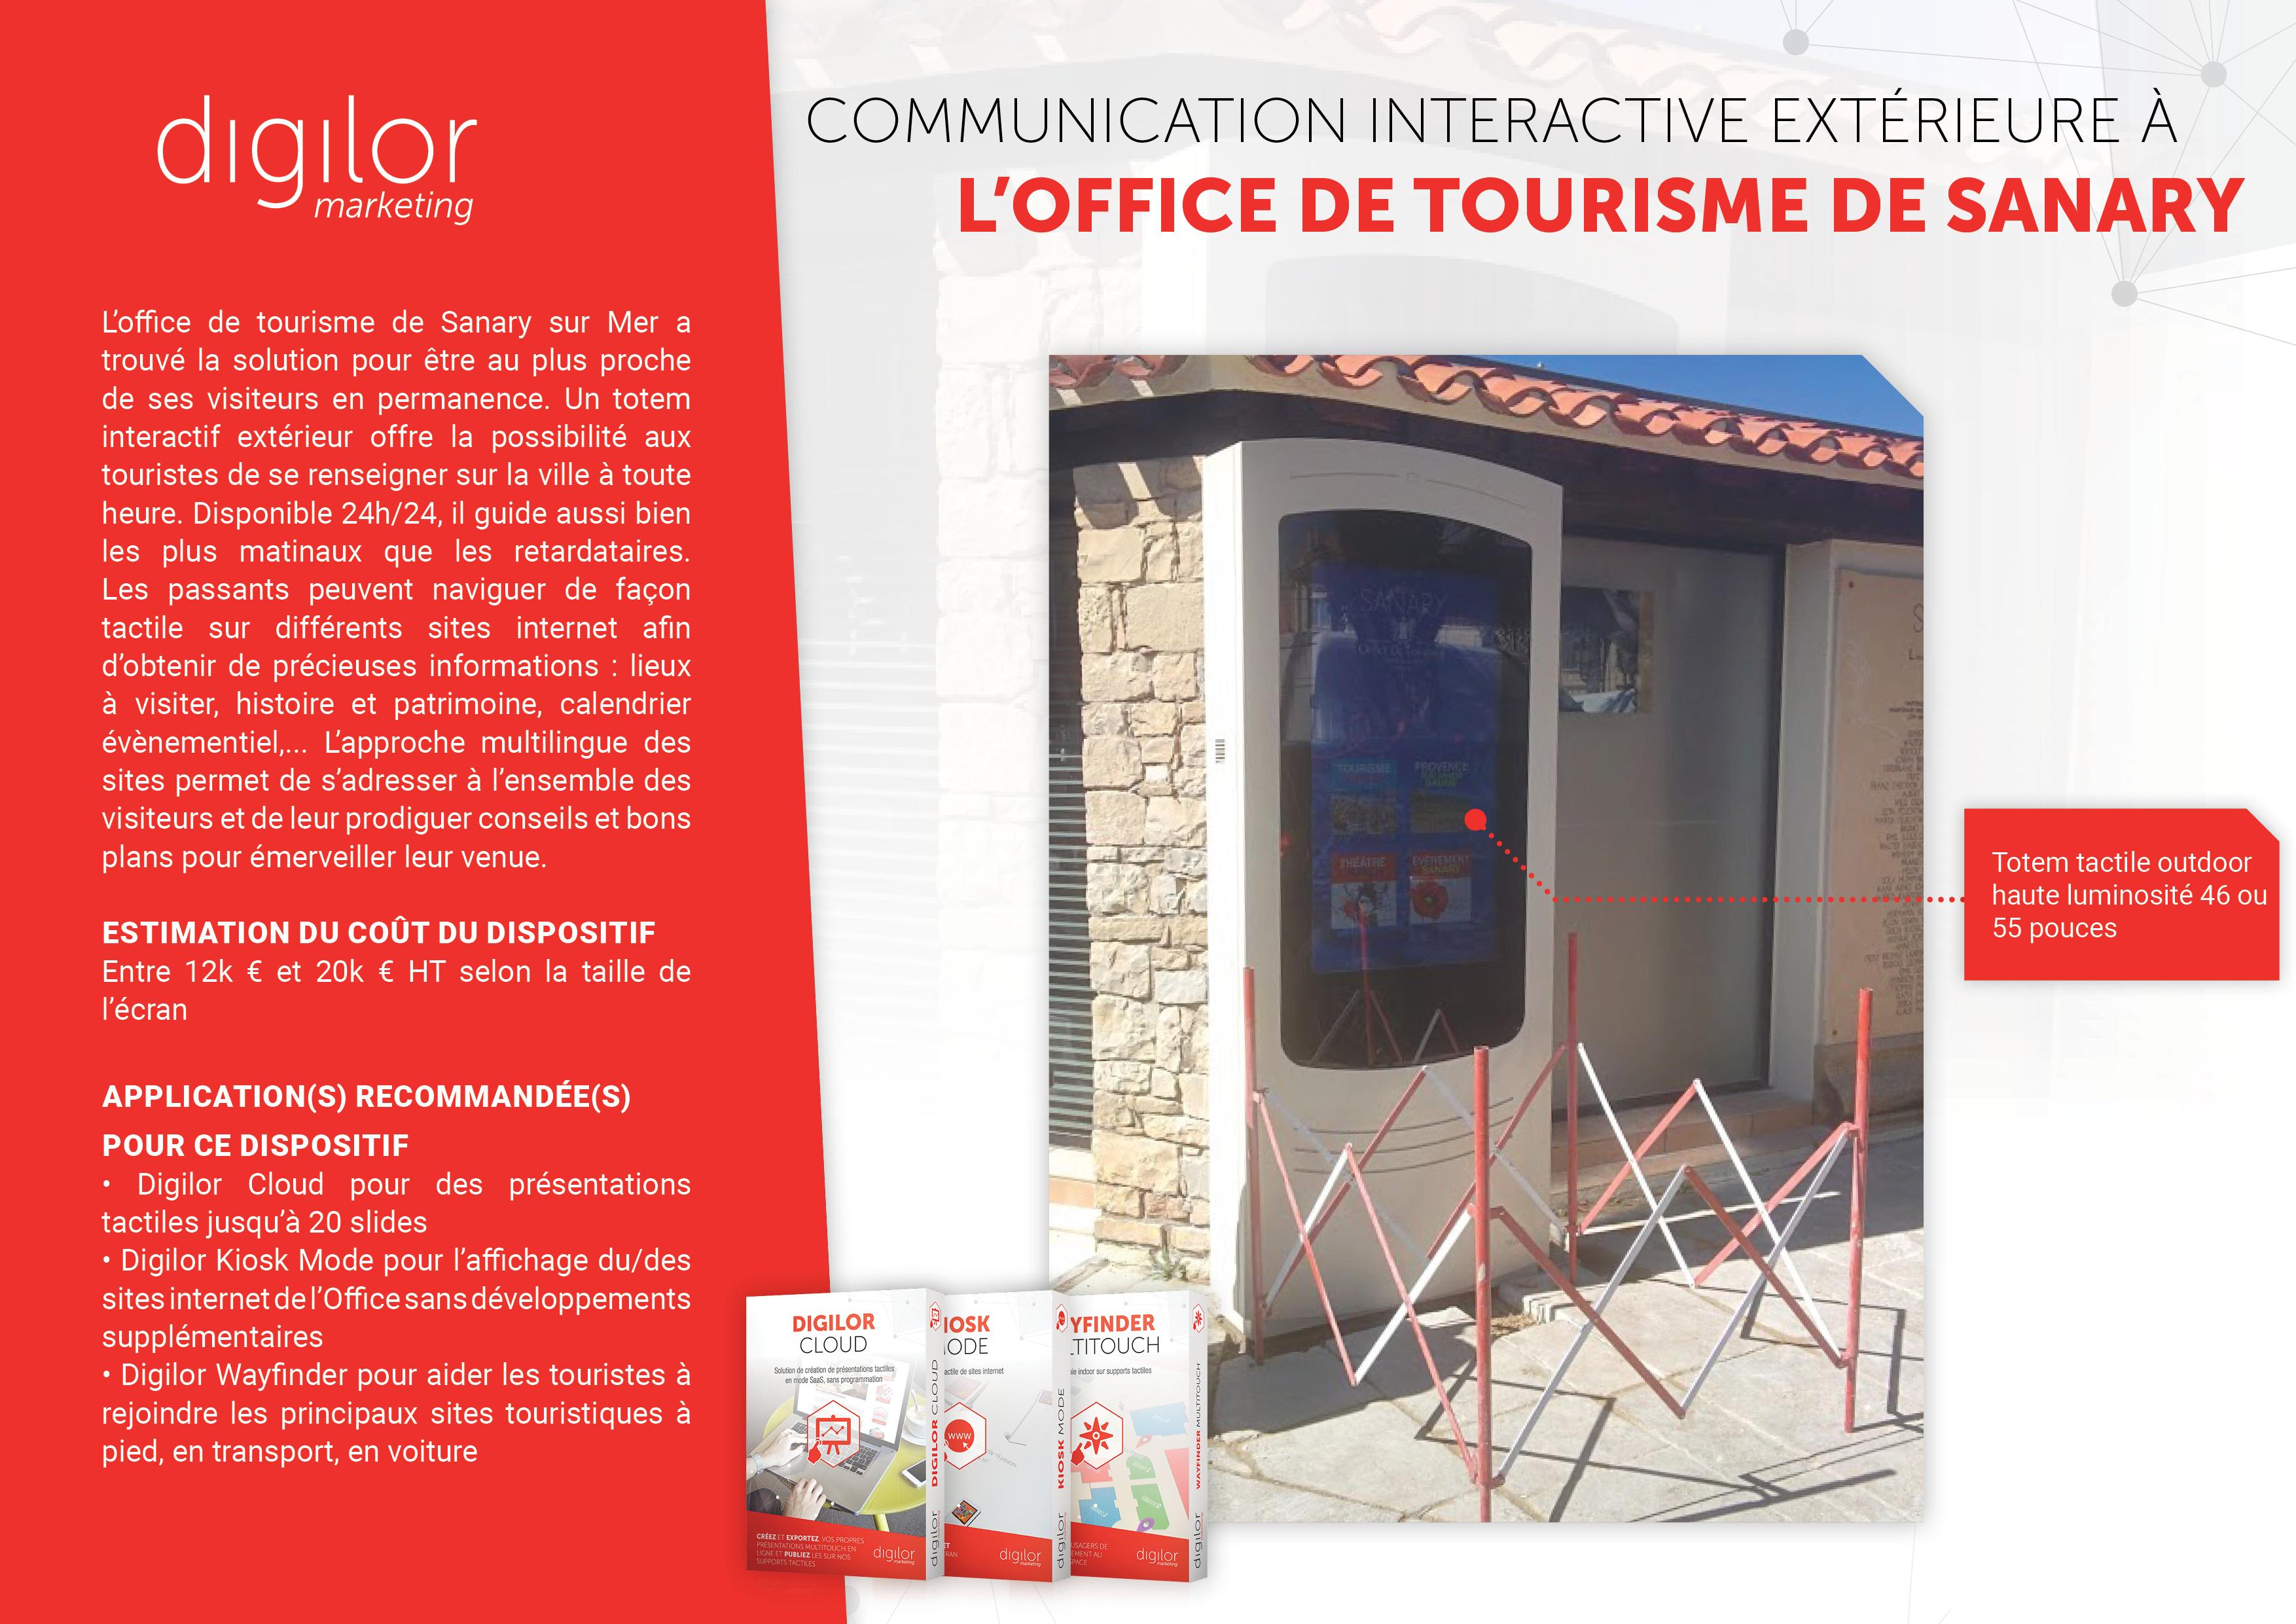 Communication interactive extérieure à l'Office de Tourisme de Sanary